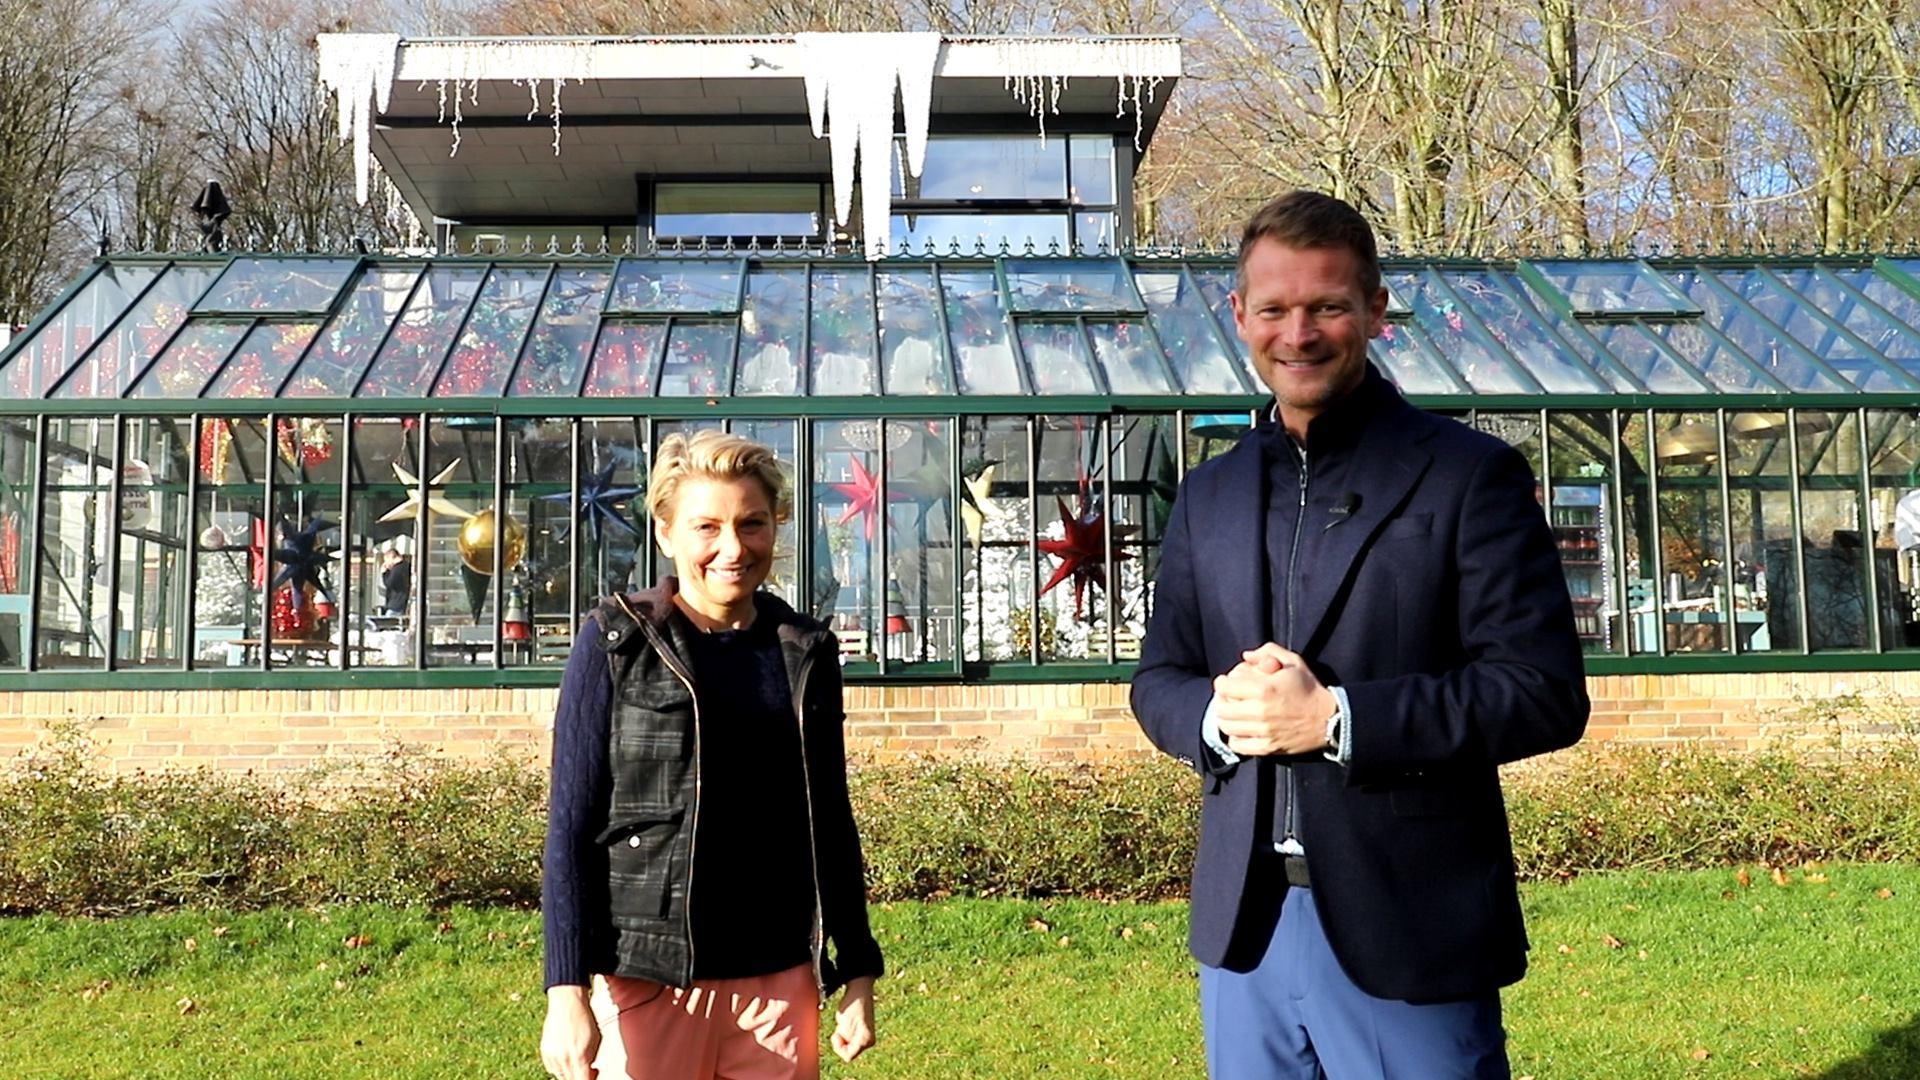 Søger medløbere: Stine Rex vil slå rekord på løbebånd midt i Aalborg Zoo